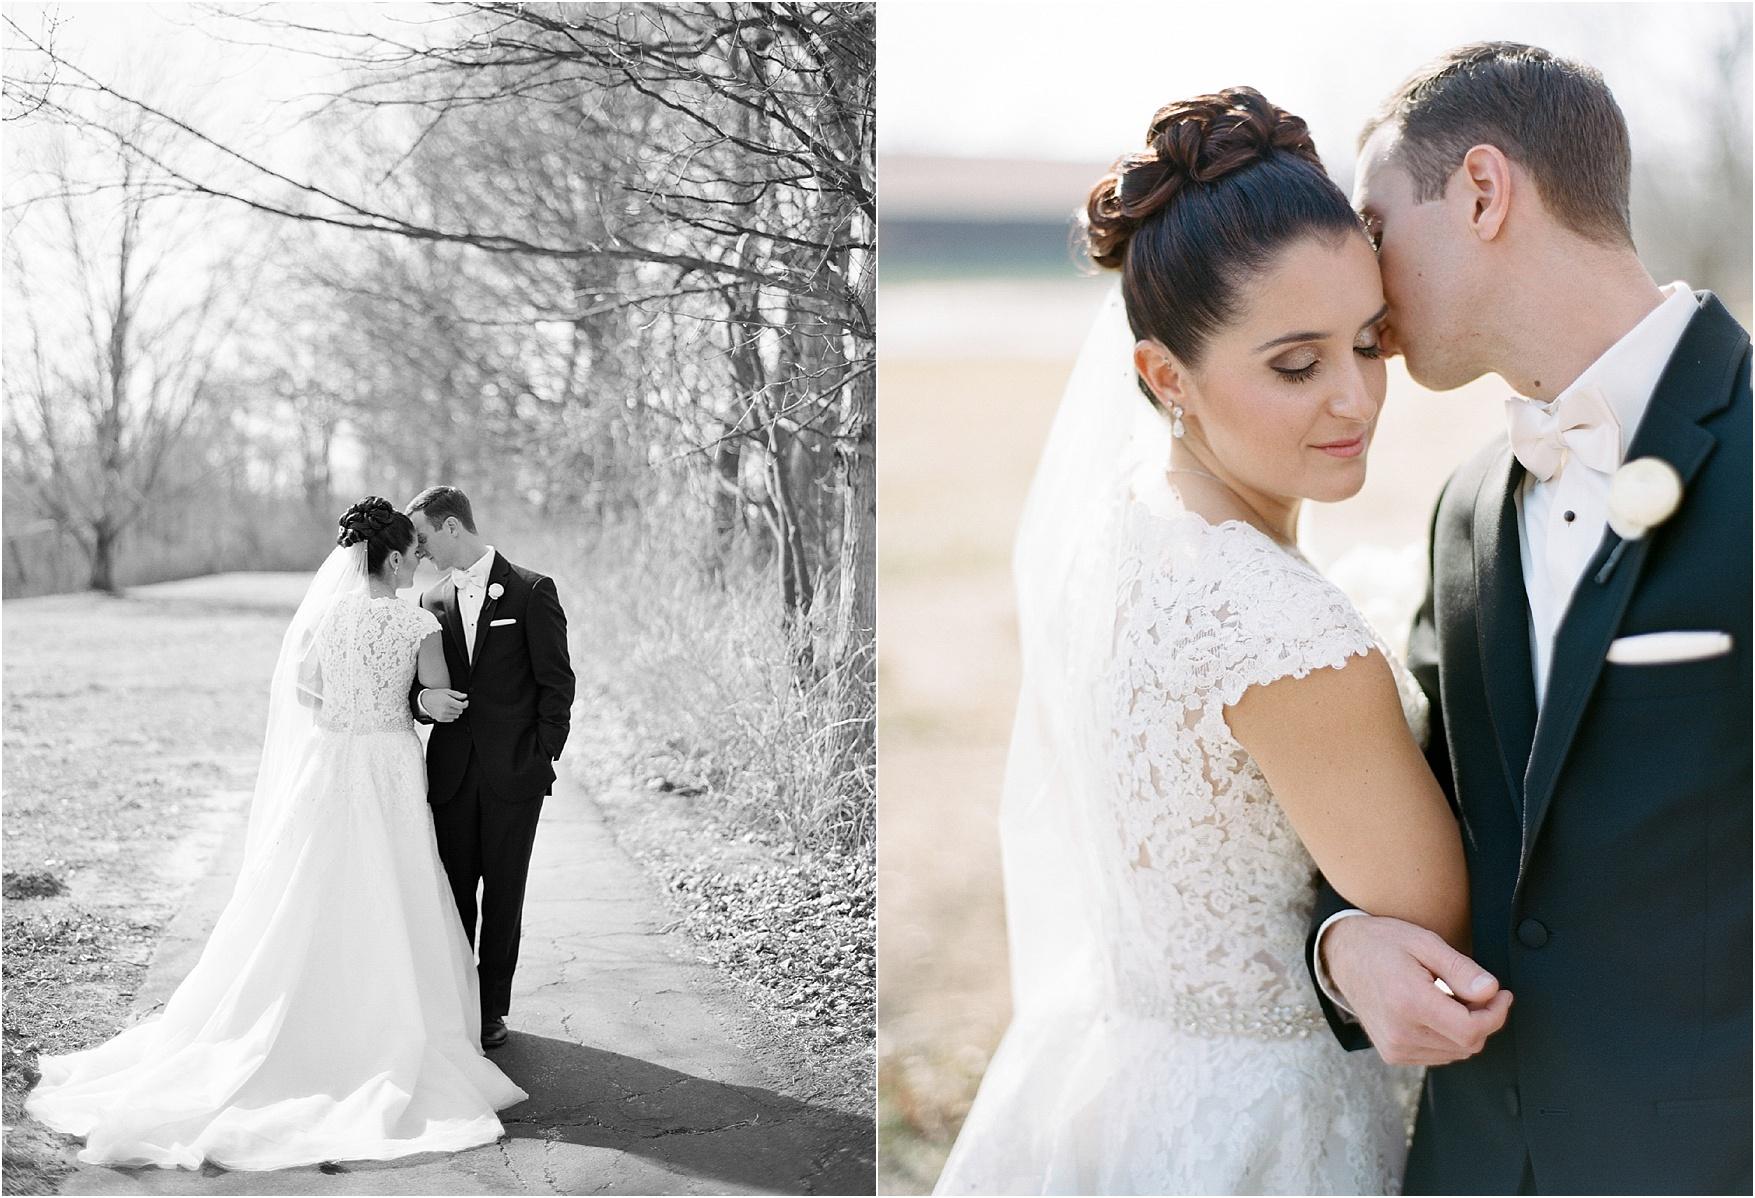 wedding photography st louis_lauren muckler photography_film photographer_film wedding_0056.jpg